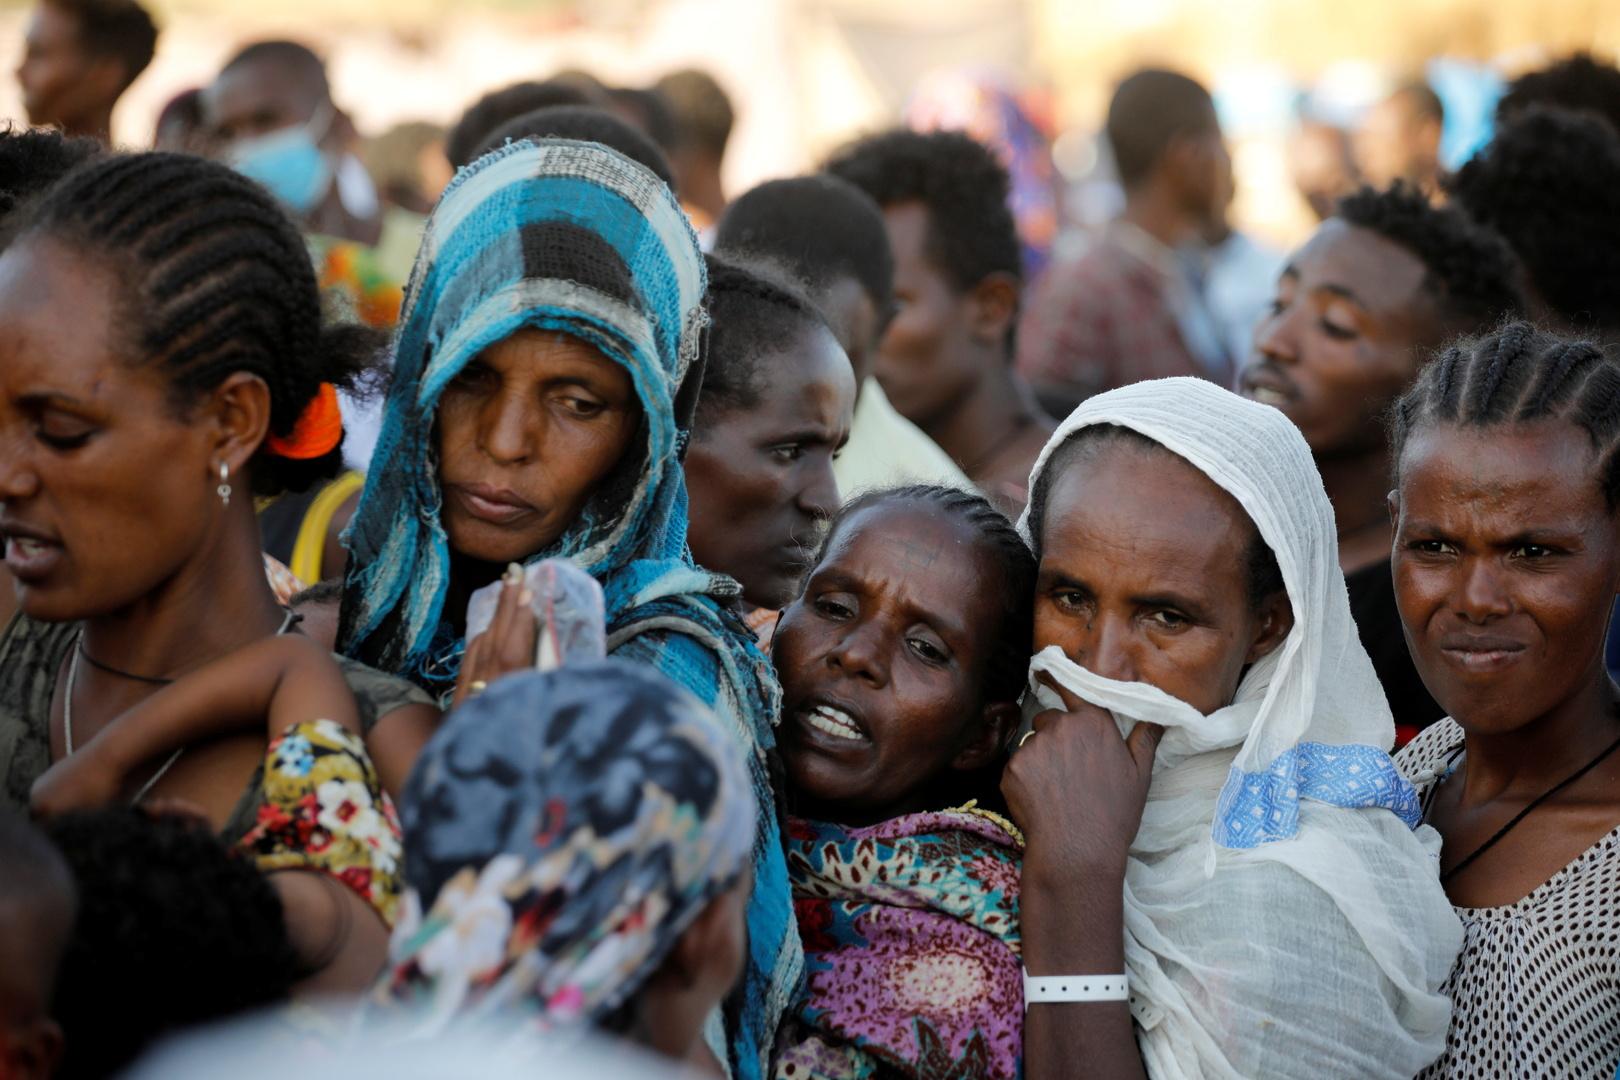 الأمم المتحدة تحذر من المجاعة المتفاقمة في تيغراي الإثيوبية وواشنطن تدعو مجلس الأمن للانعقاد